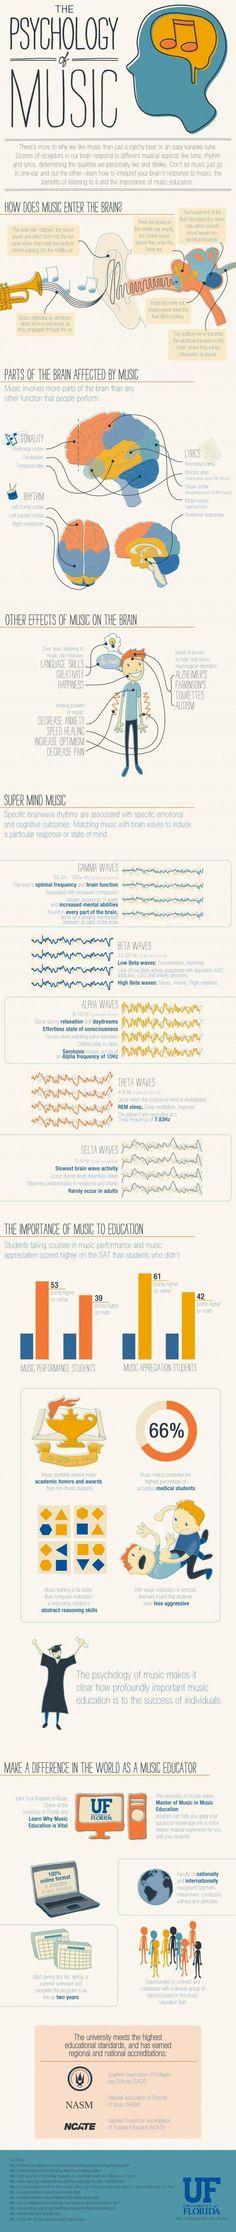 La musica... es un alivio mental y libertad espiritual